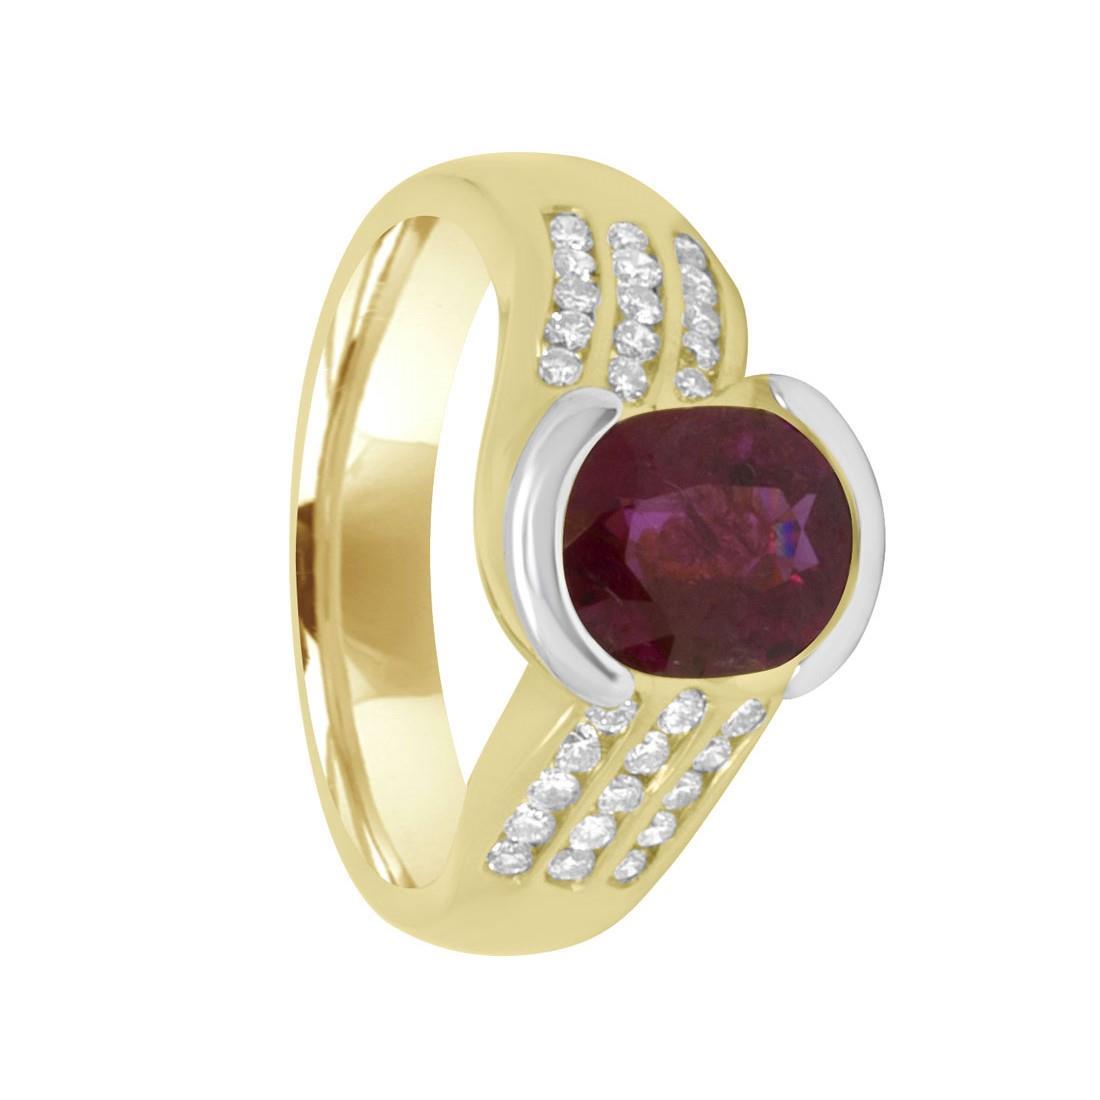 Anello Oro& Co in oro giallo con rubino ct 1,91 - ALFIERI ST JOHN